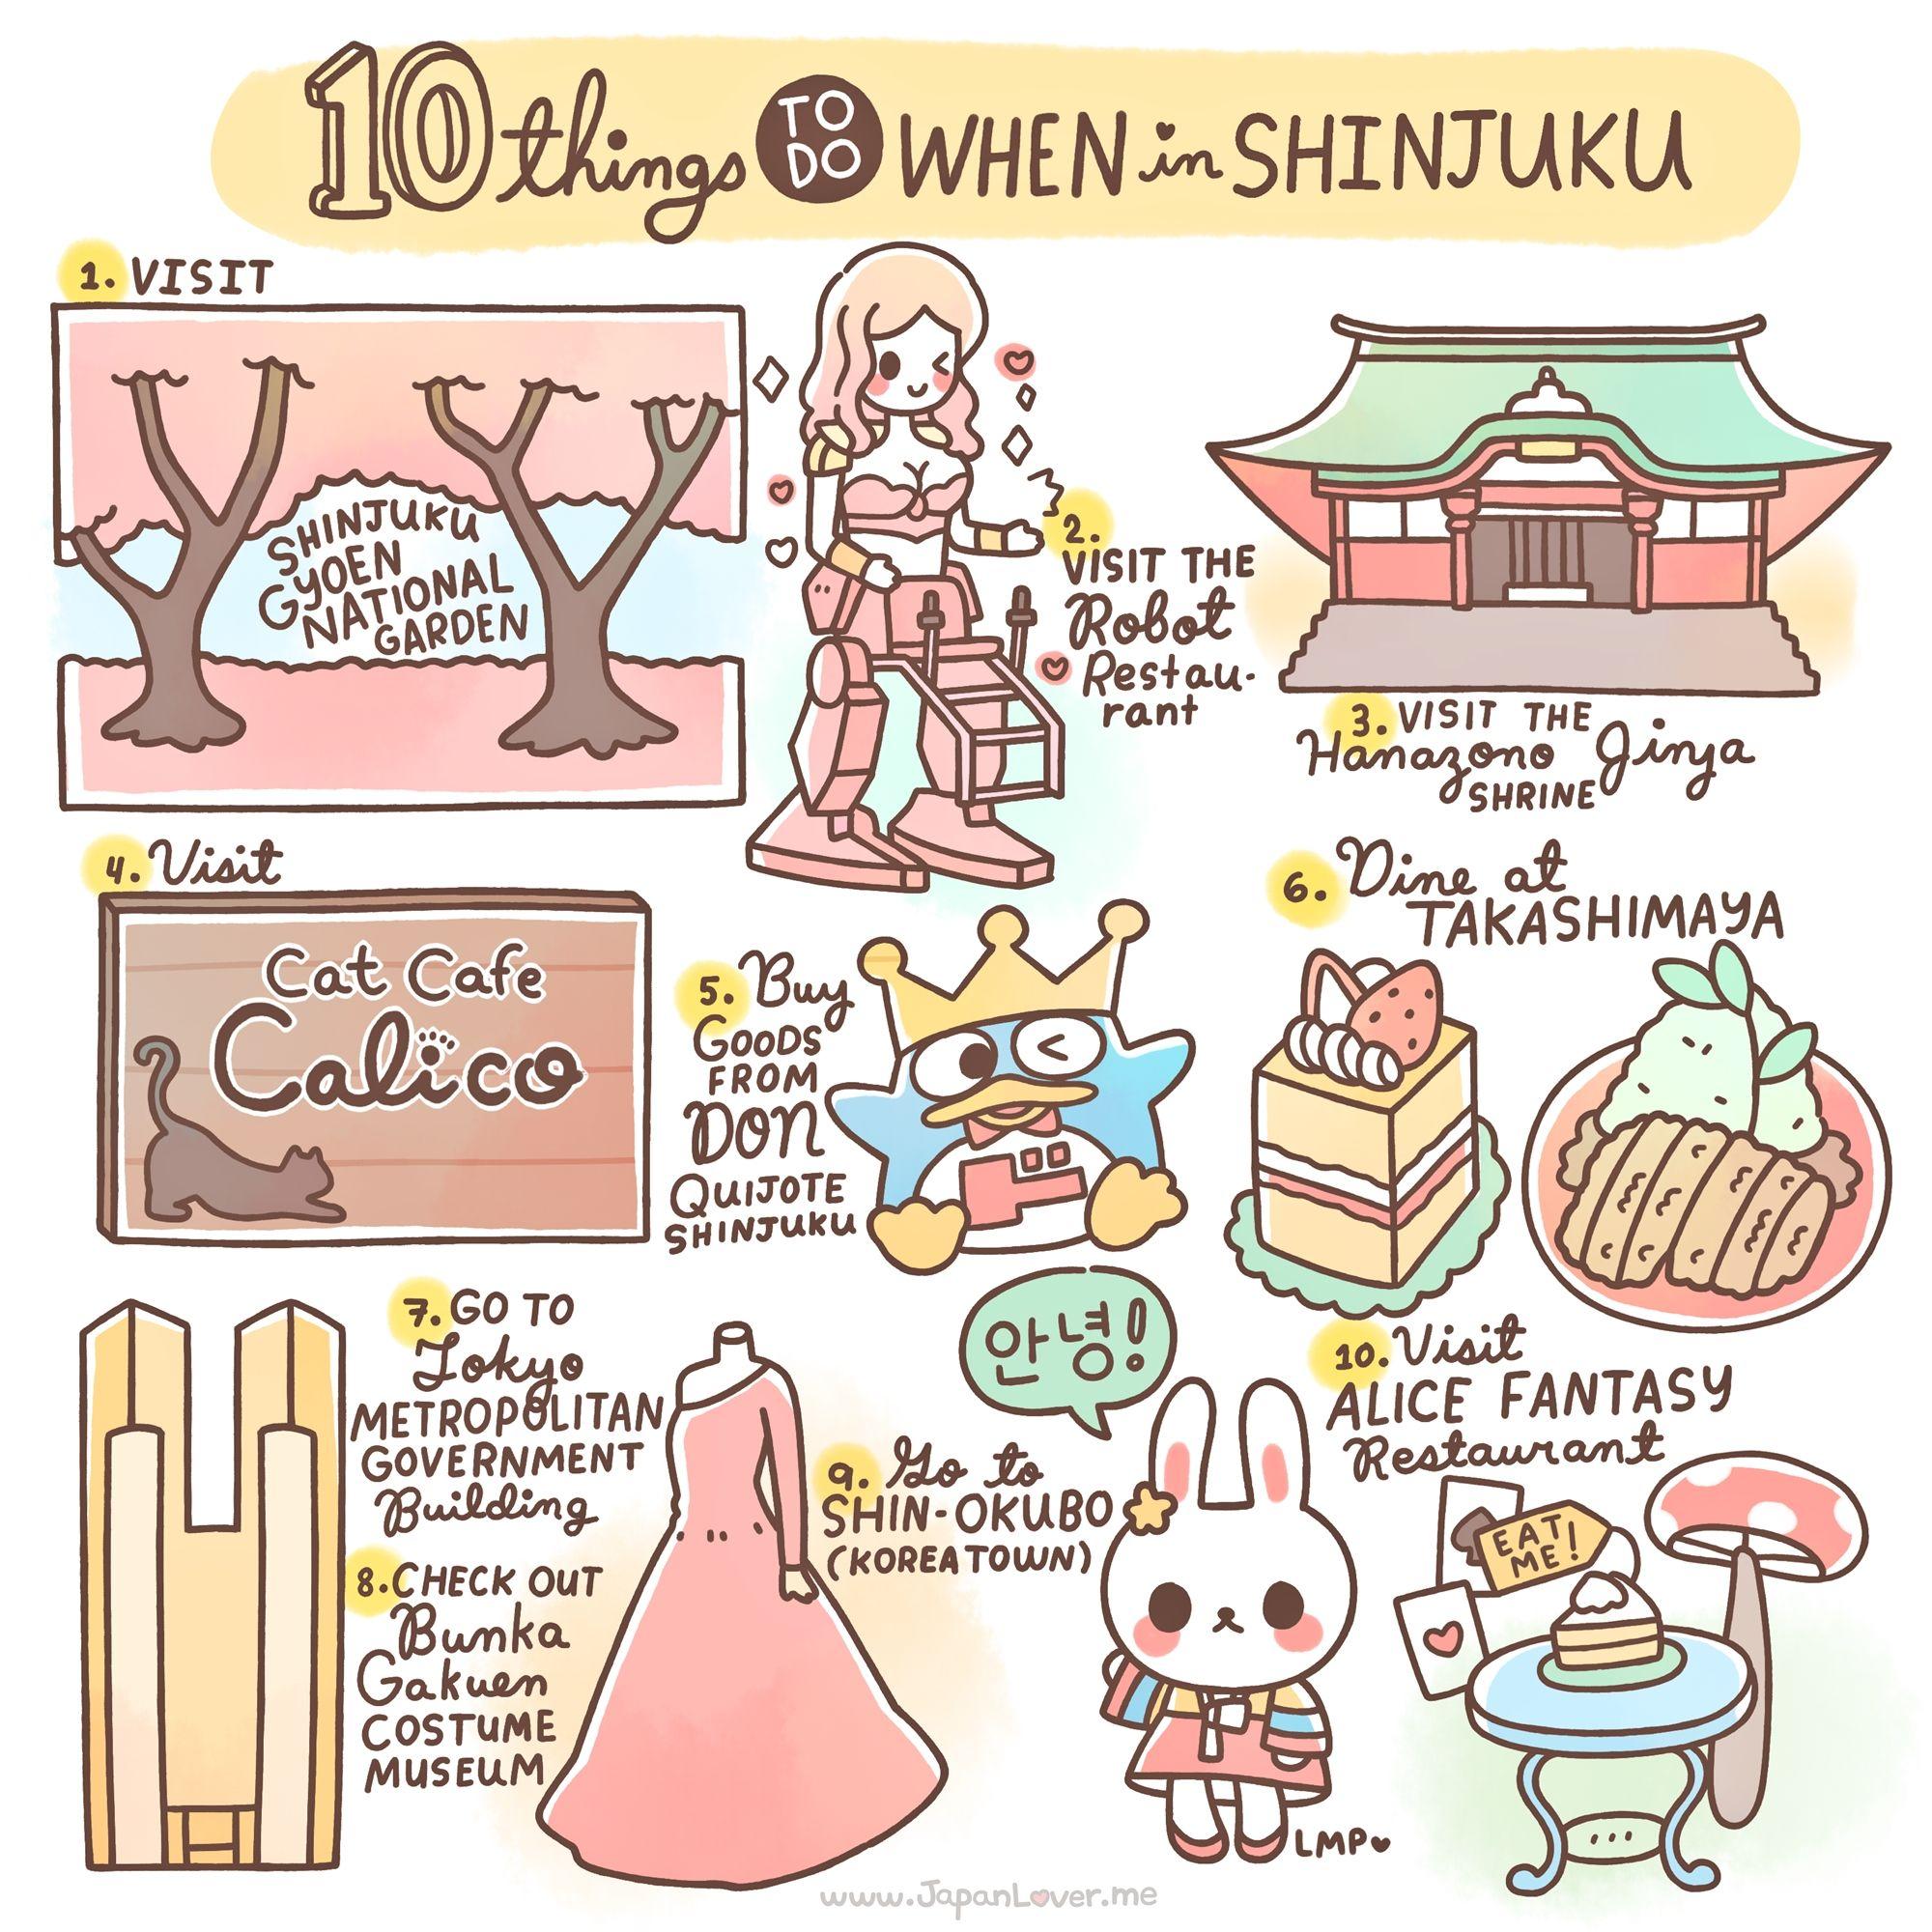 10 Things To Do In Shinjuku, Japan